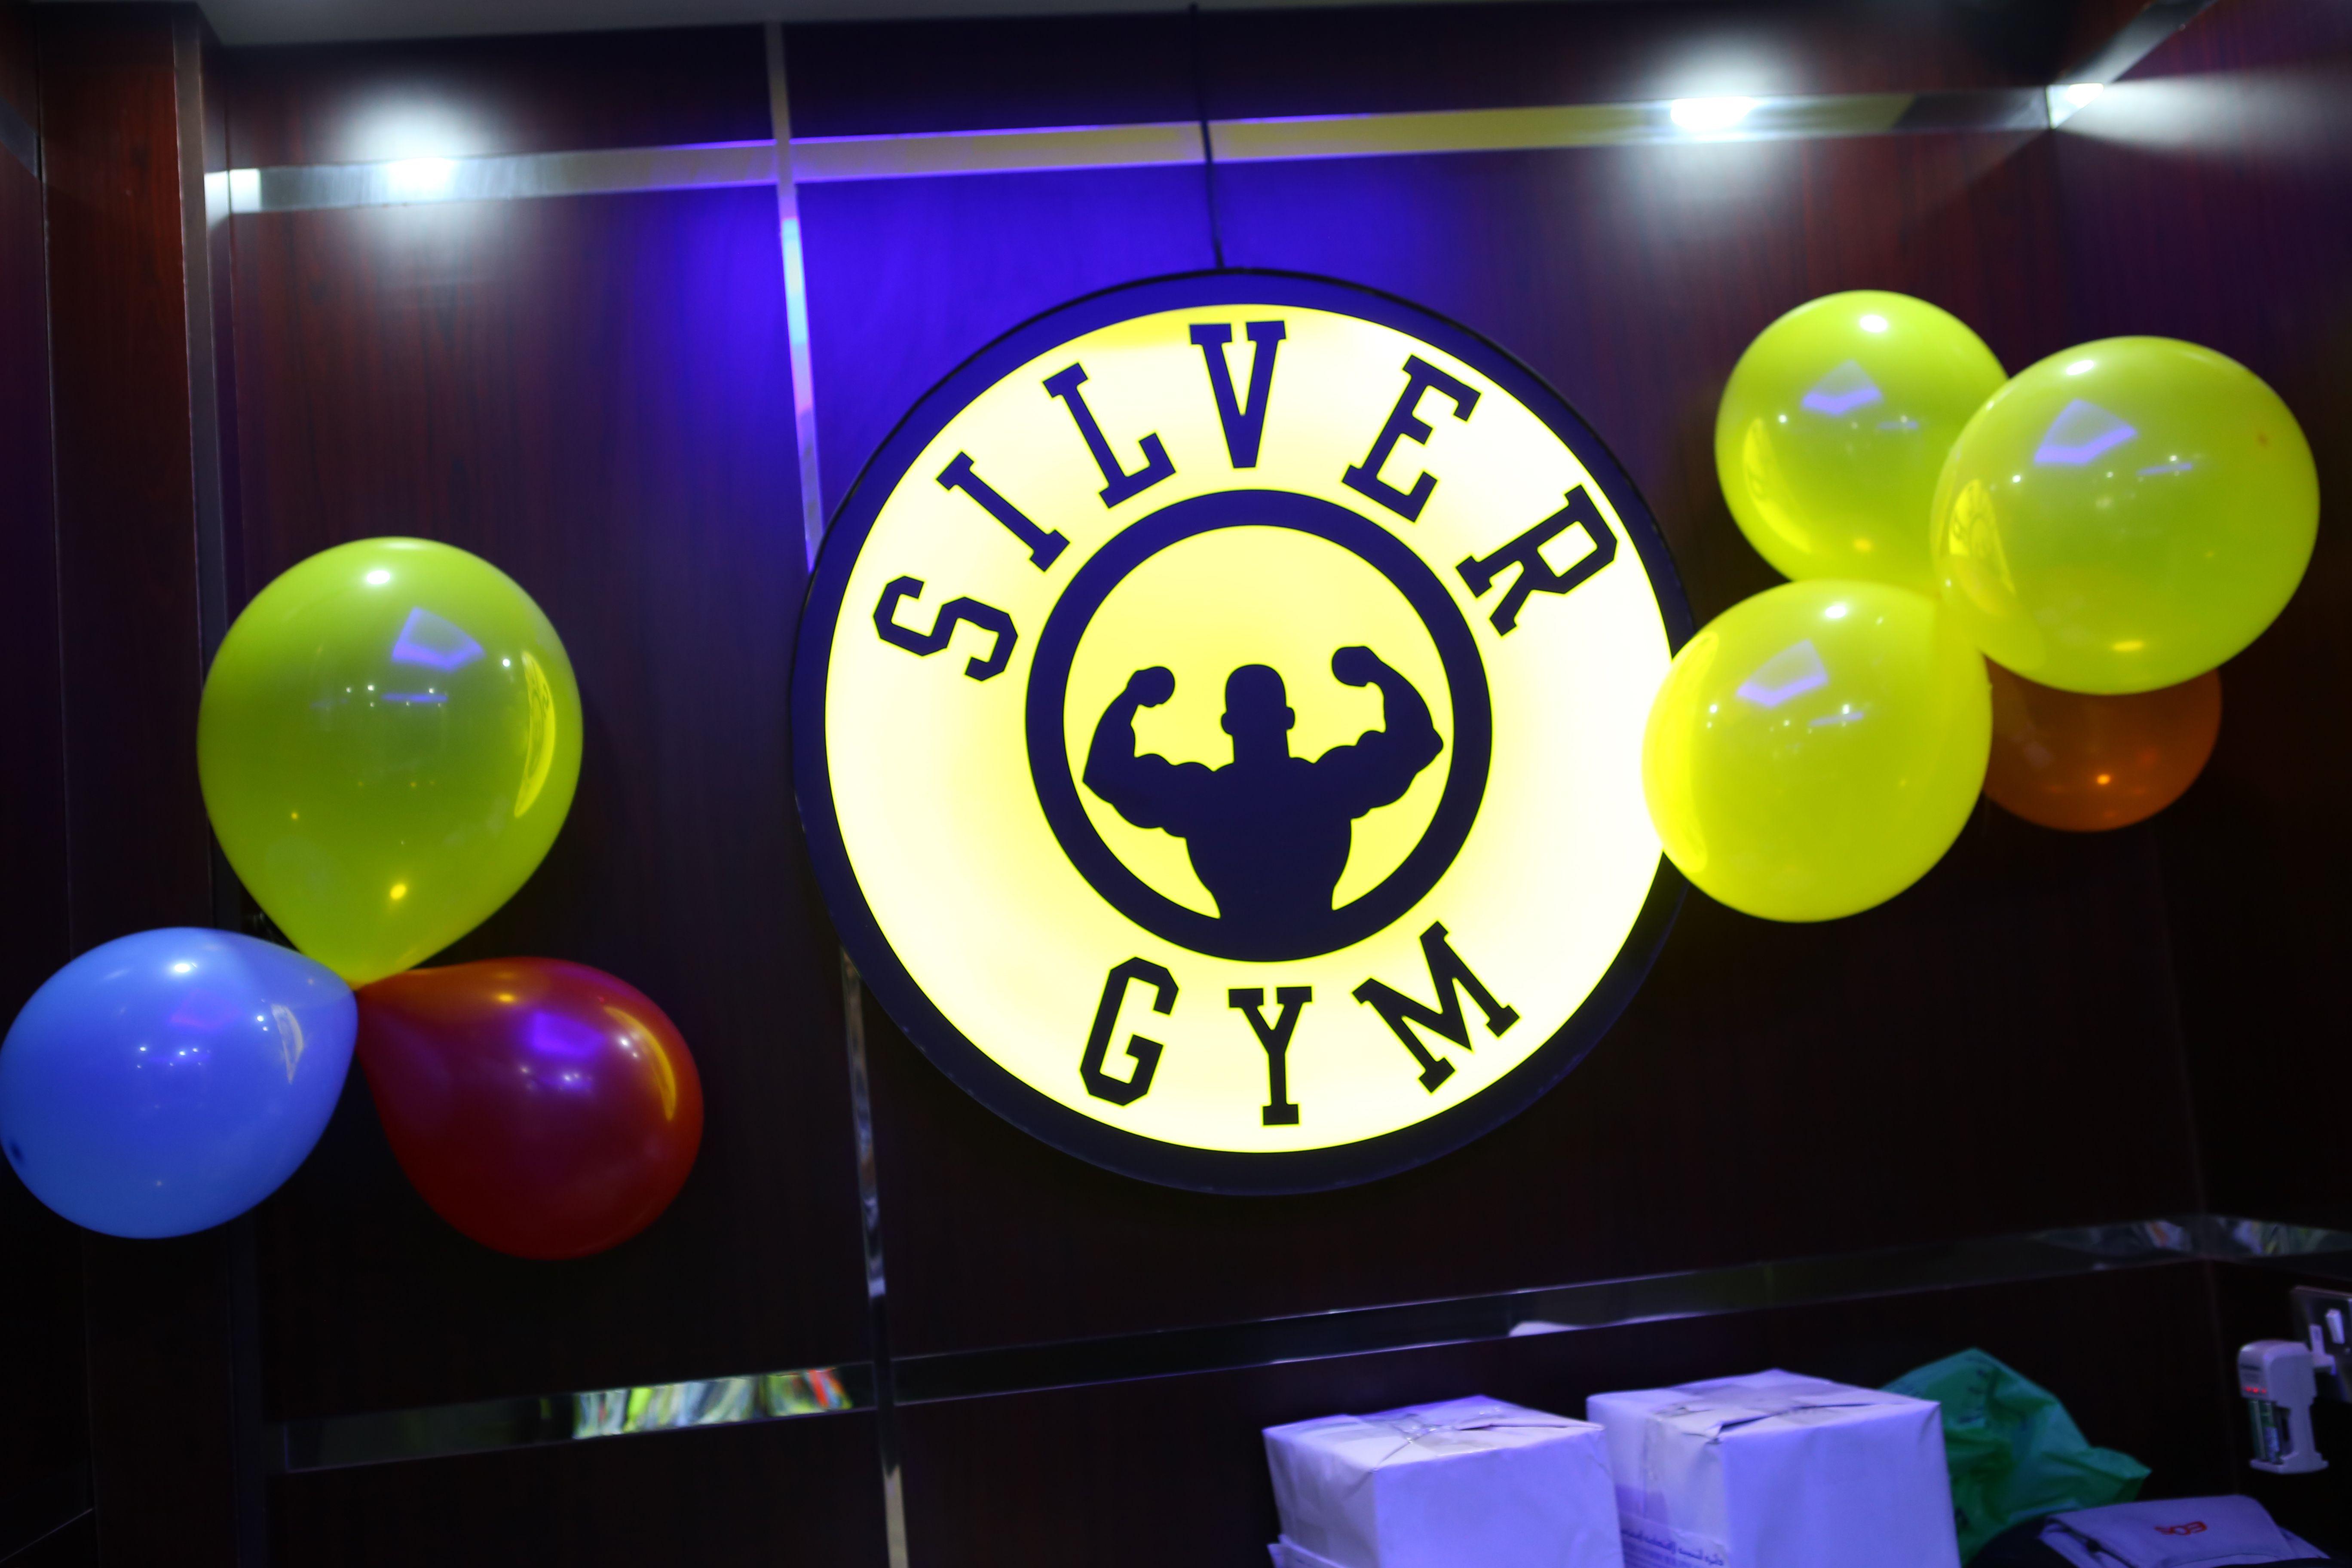 Silver Gym